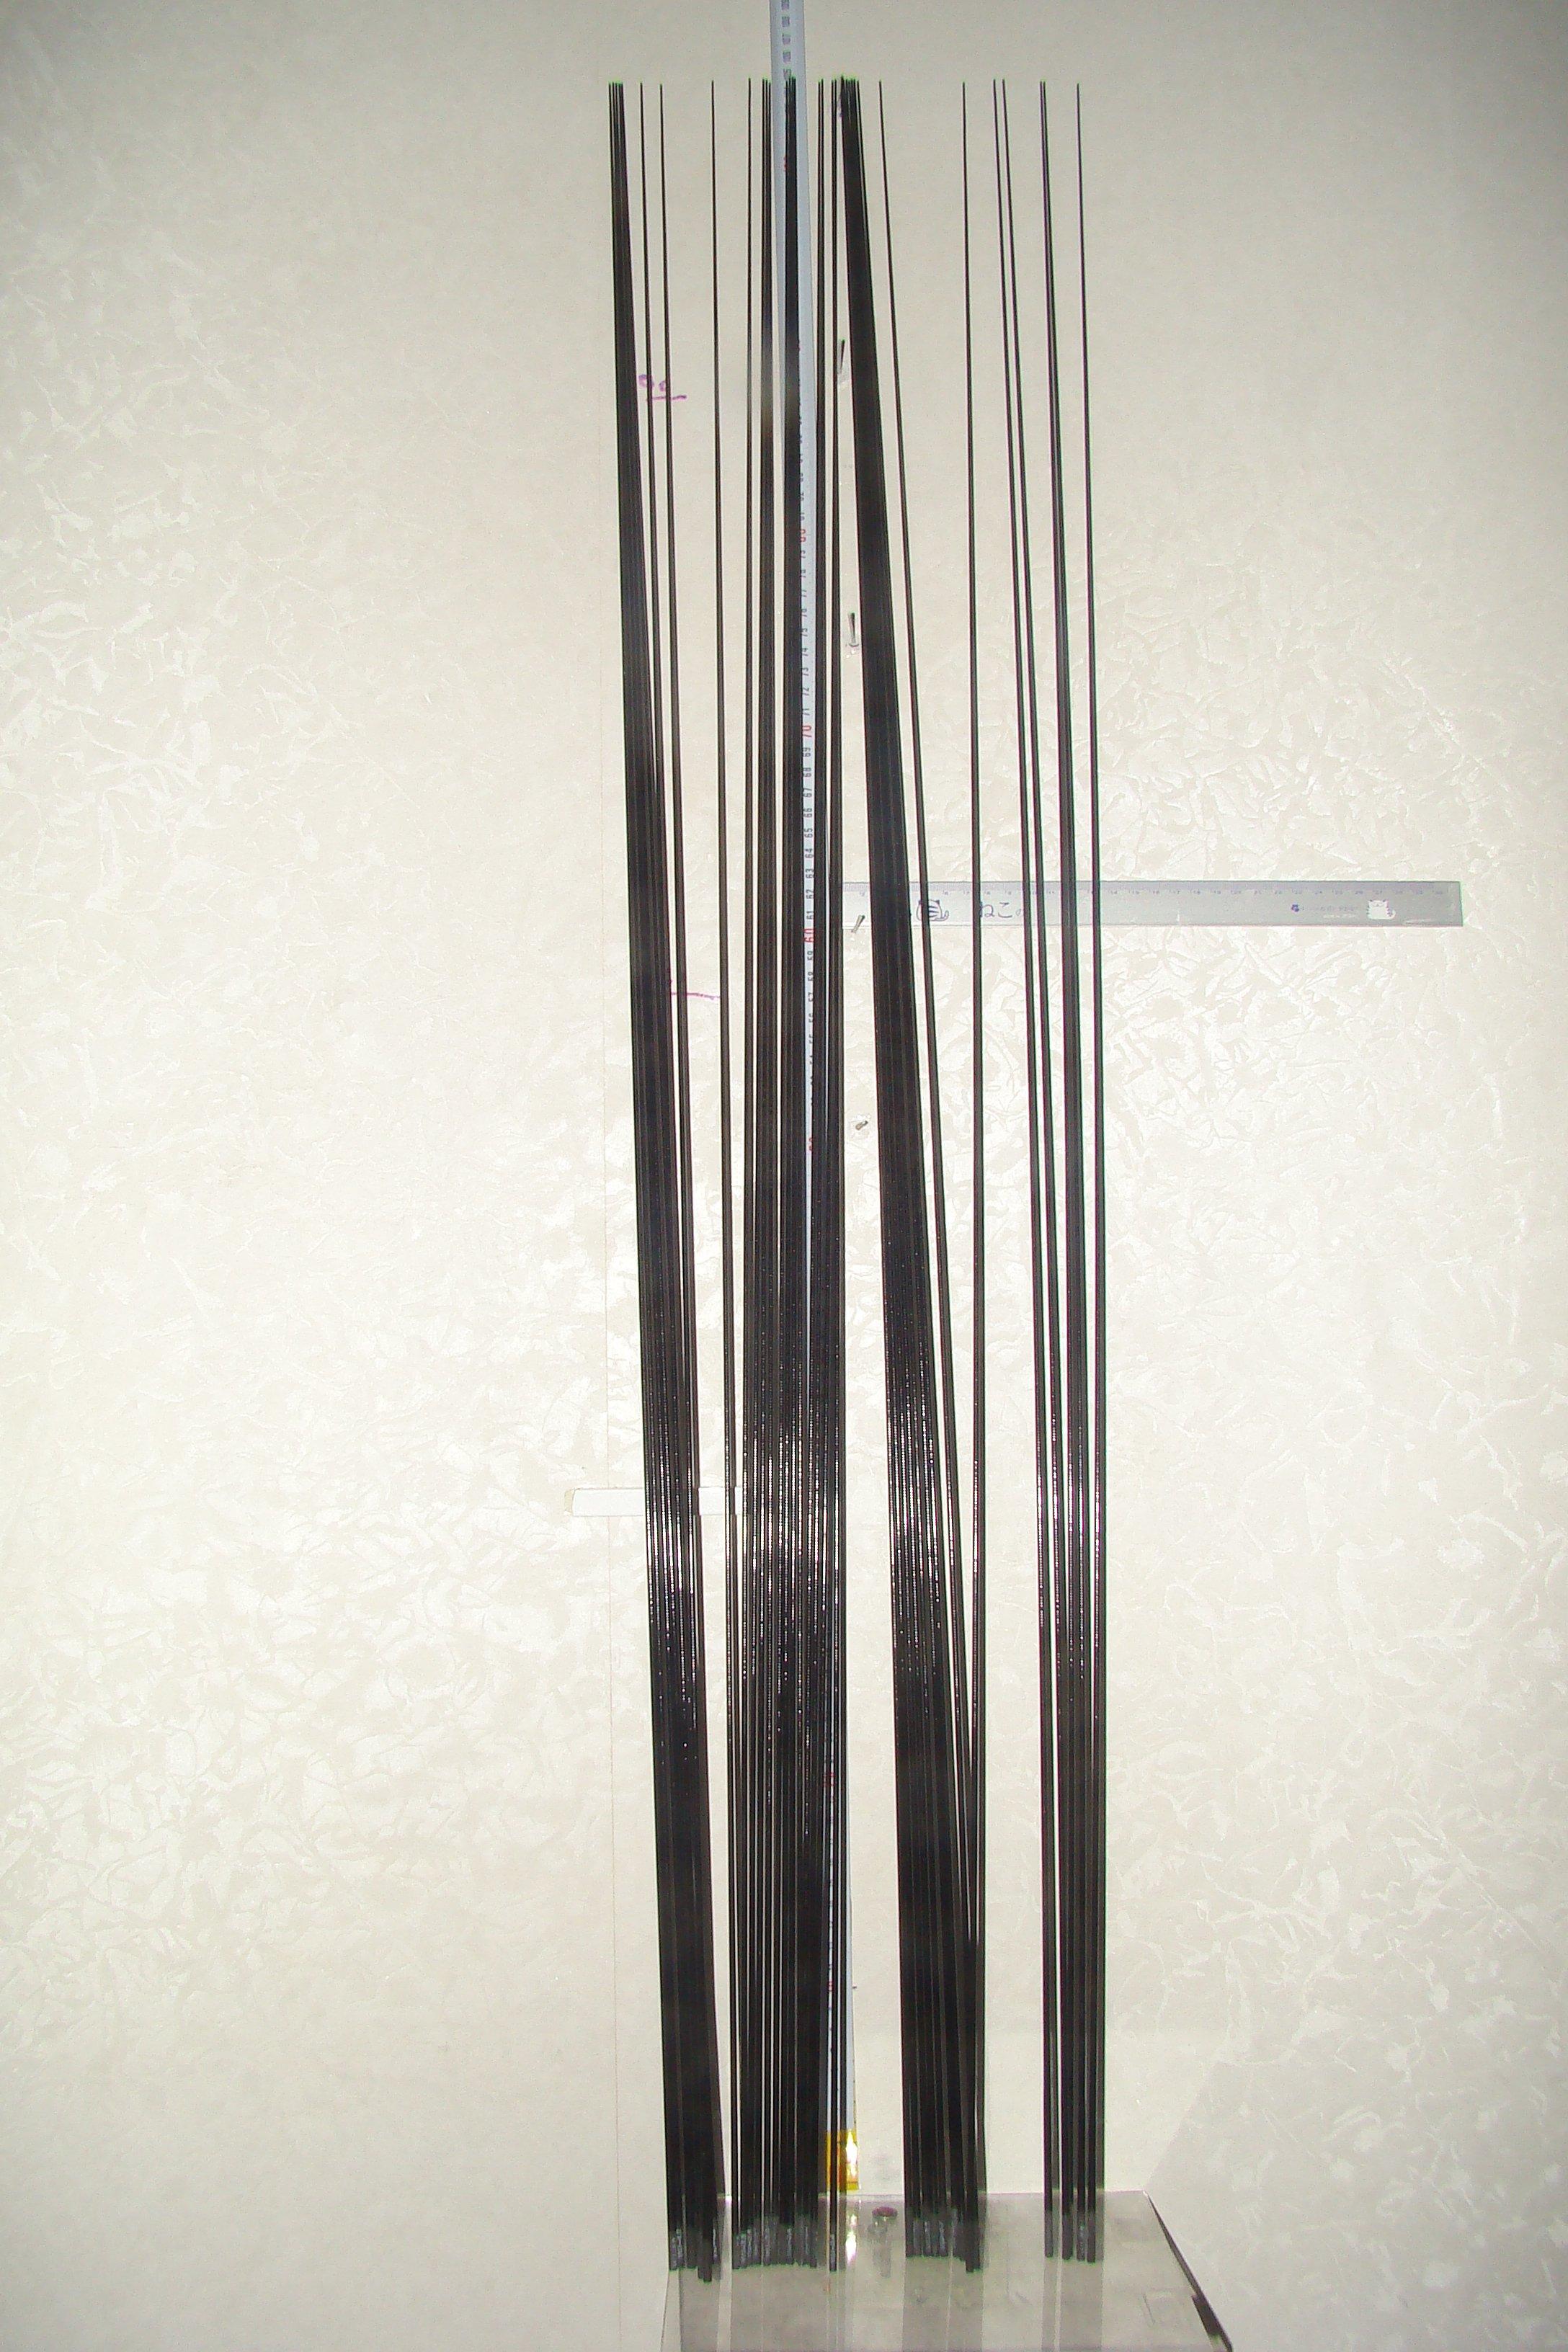 采潔日本二手釣具 磯釣竿 碳纖卡夢竿尾 GAMAKATSU SHIMANO OLYMPIC素材 編號:B空心遠磯投竿用